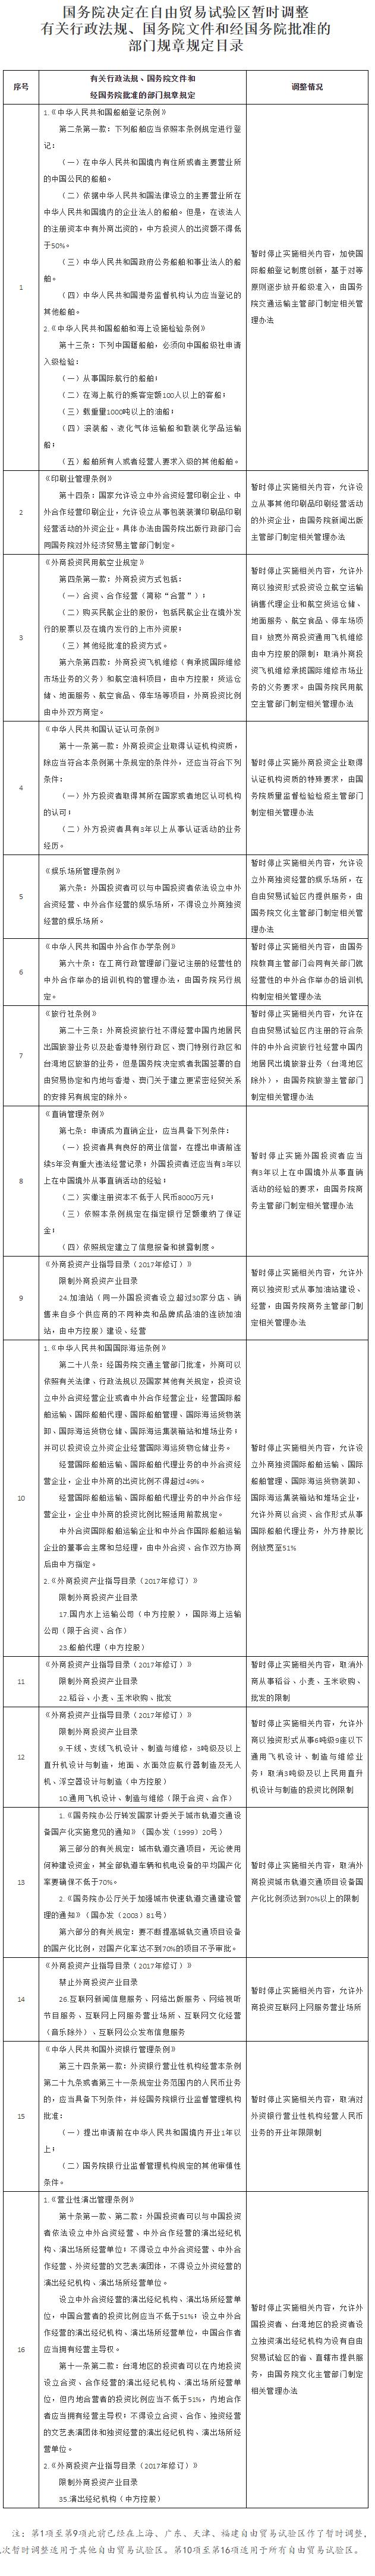 国务院:建立与自贸区试点要求相适应的管理制度保释金会退吗